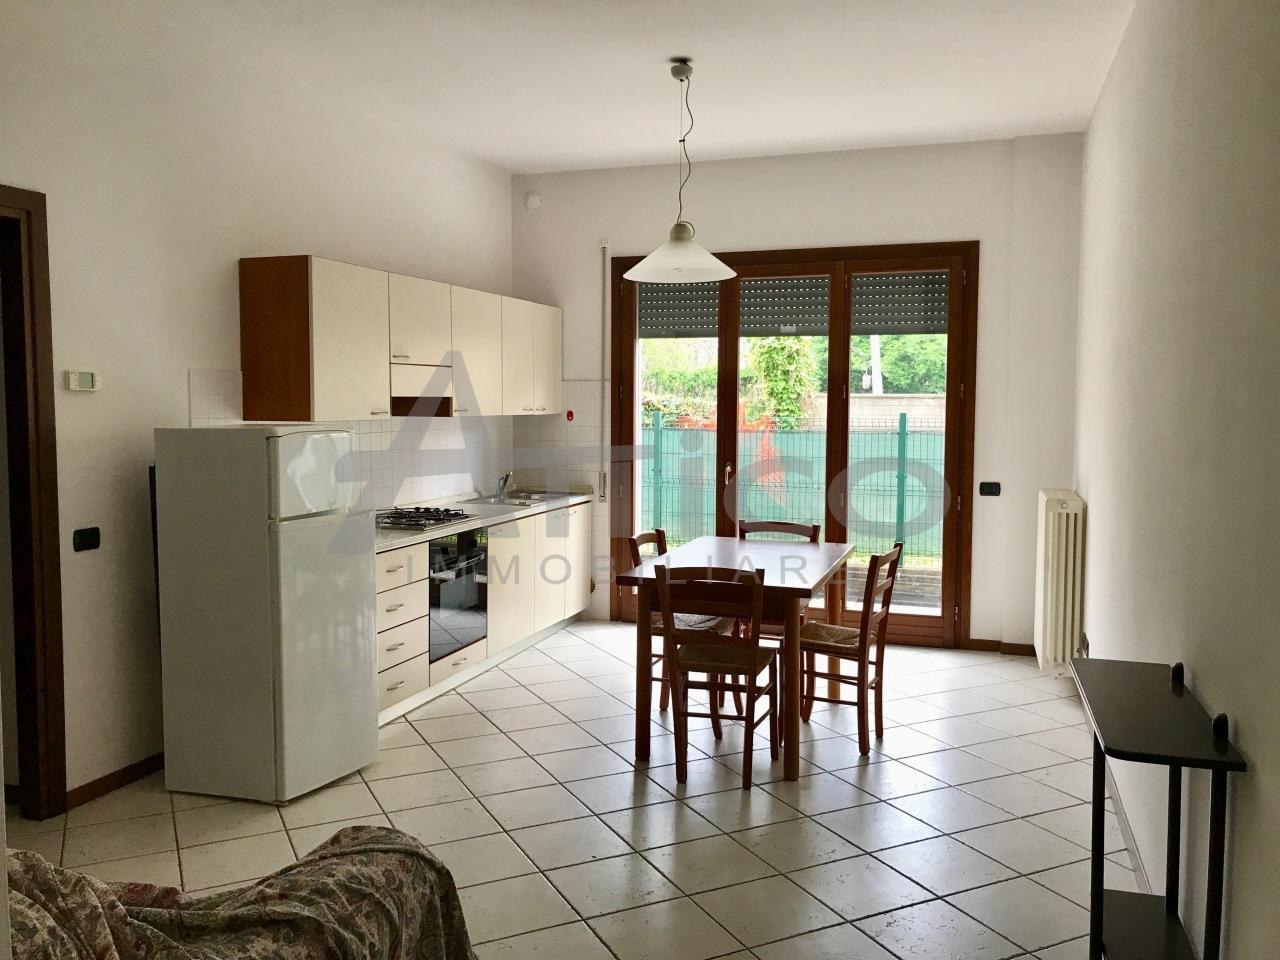 Appartamento in vendita a Rovigo, 3 locali, prezzo € 100.000 | CambioCasa.it